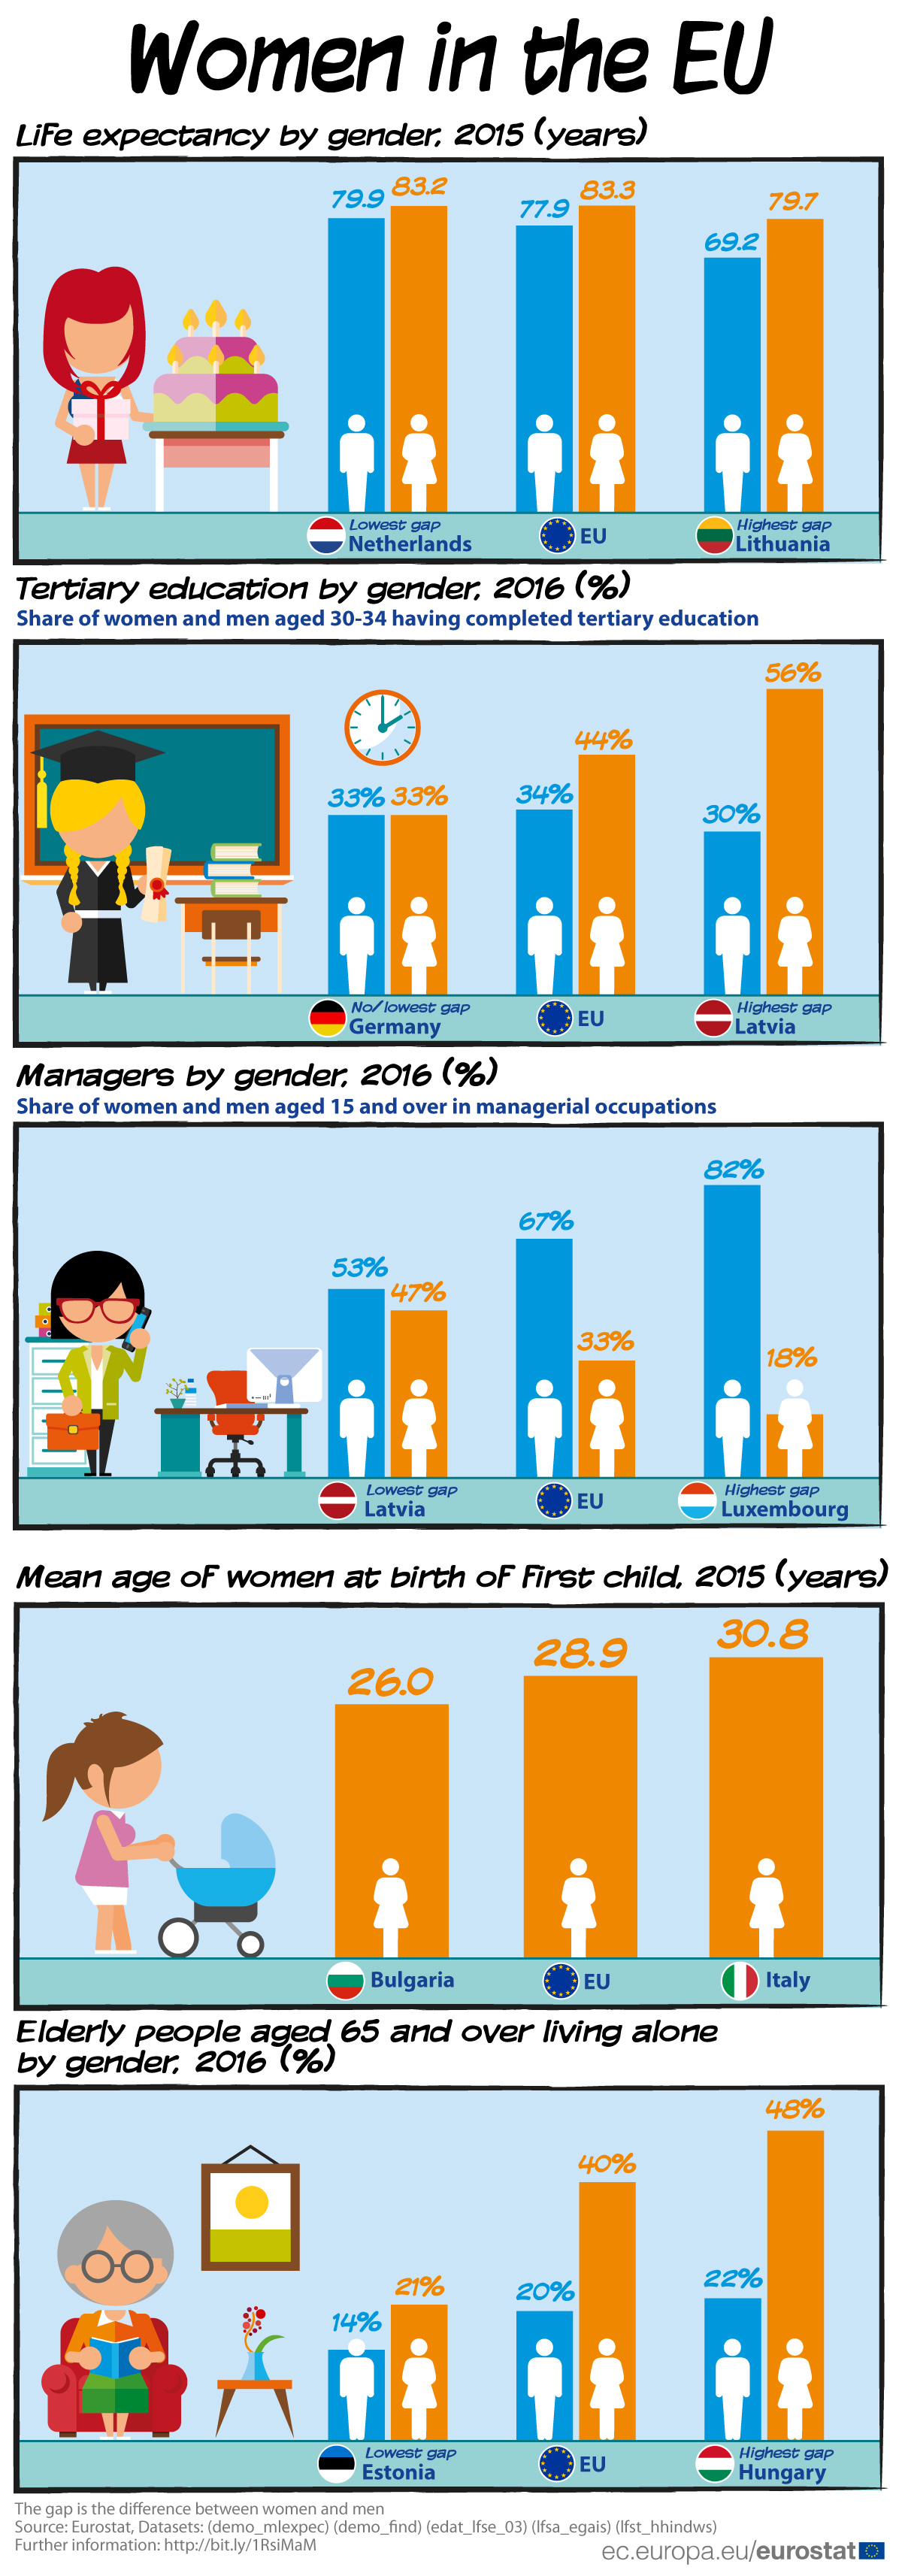 Women in the EU 2018